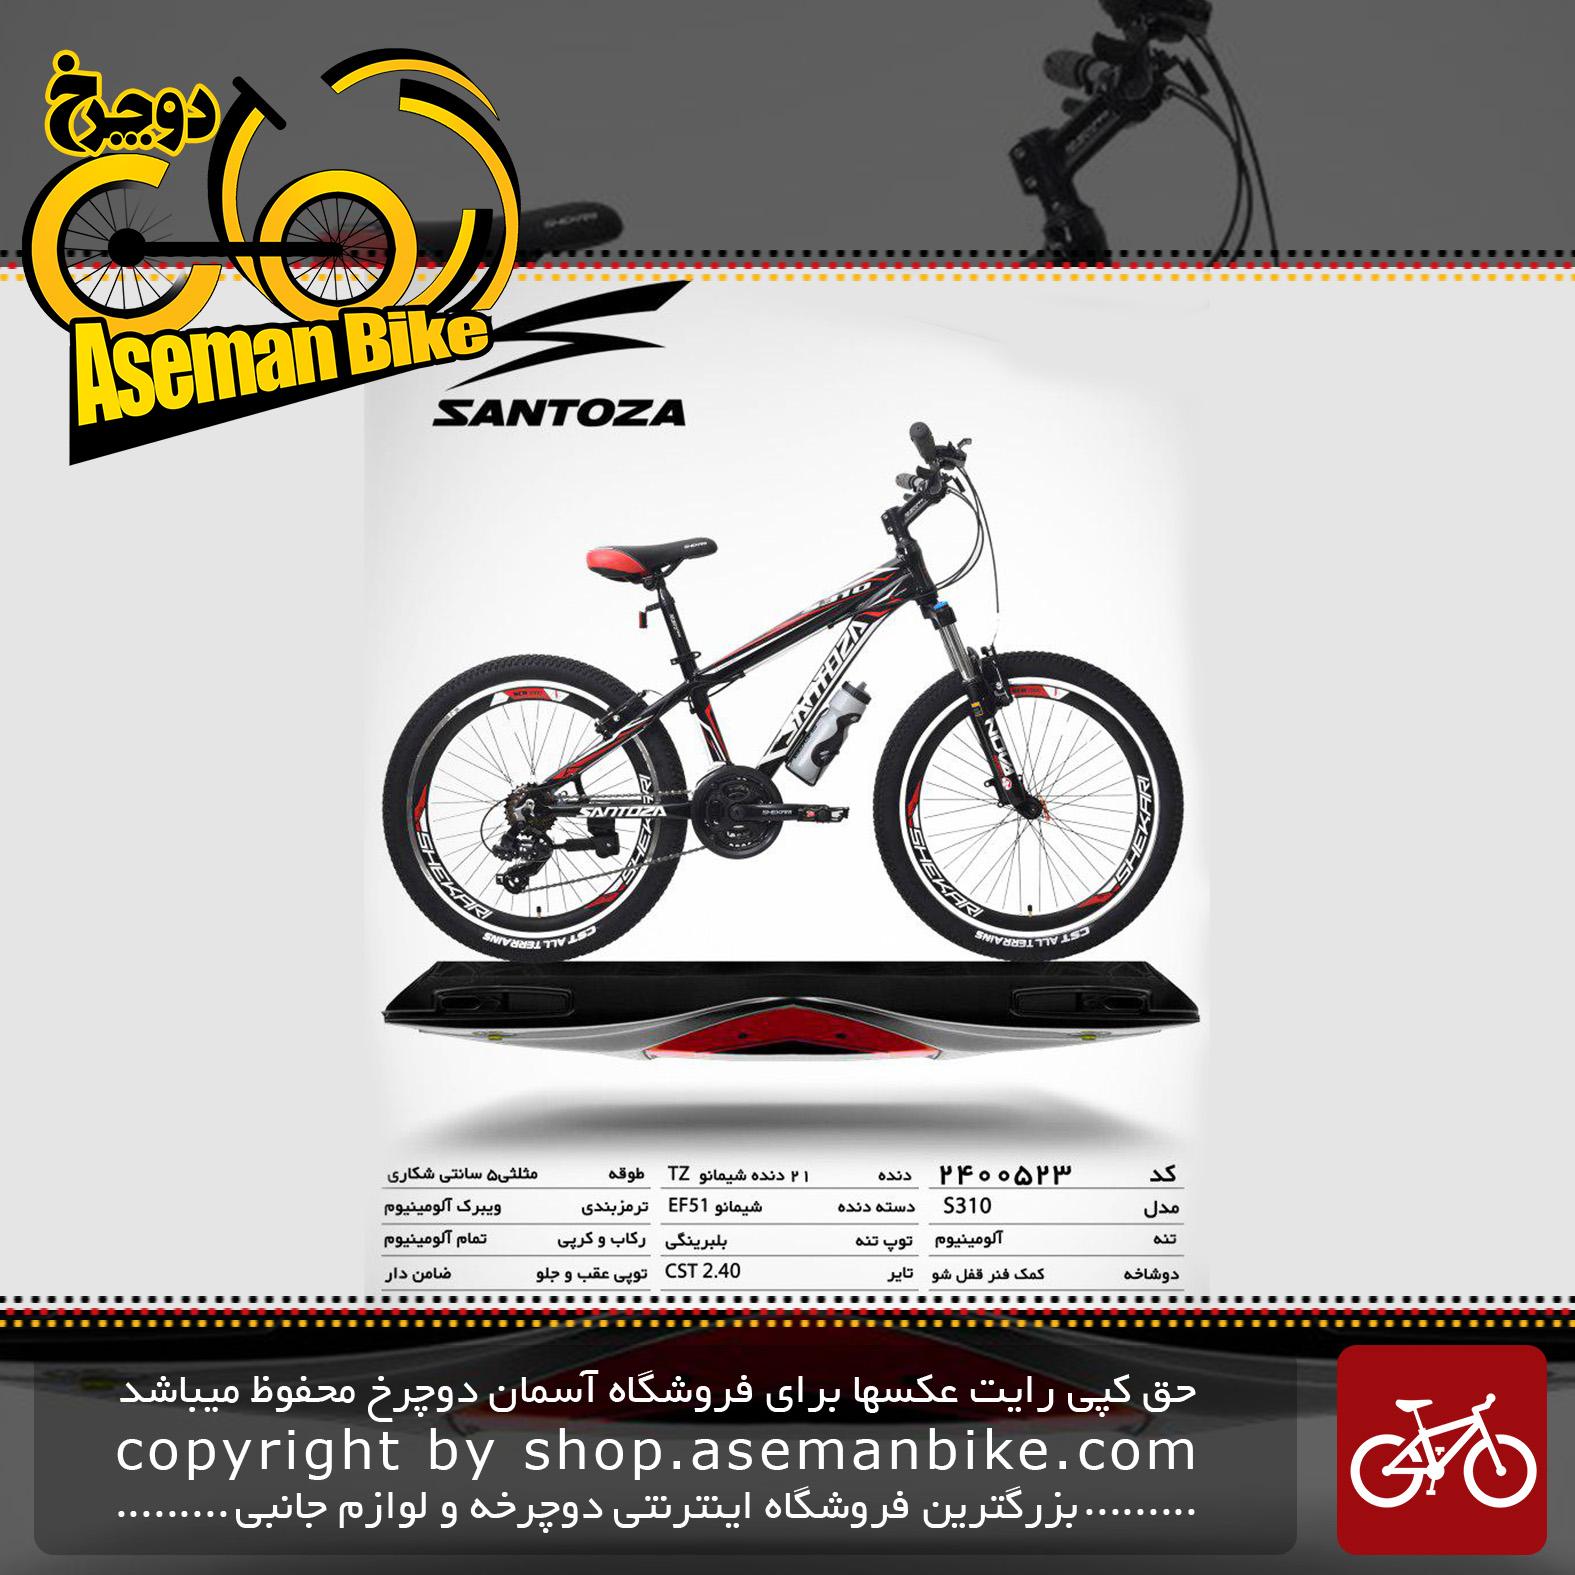 دوچرخه کوهستان سانتوزا 21 دنده شیمانو تورنی تنه آلومینیوم سایز 24مدل اس310 santoza bicycle 24 21 speed shimano tourney tz aluminum vb s310 2019